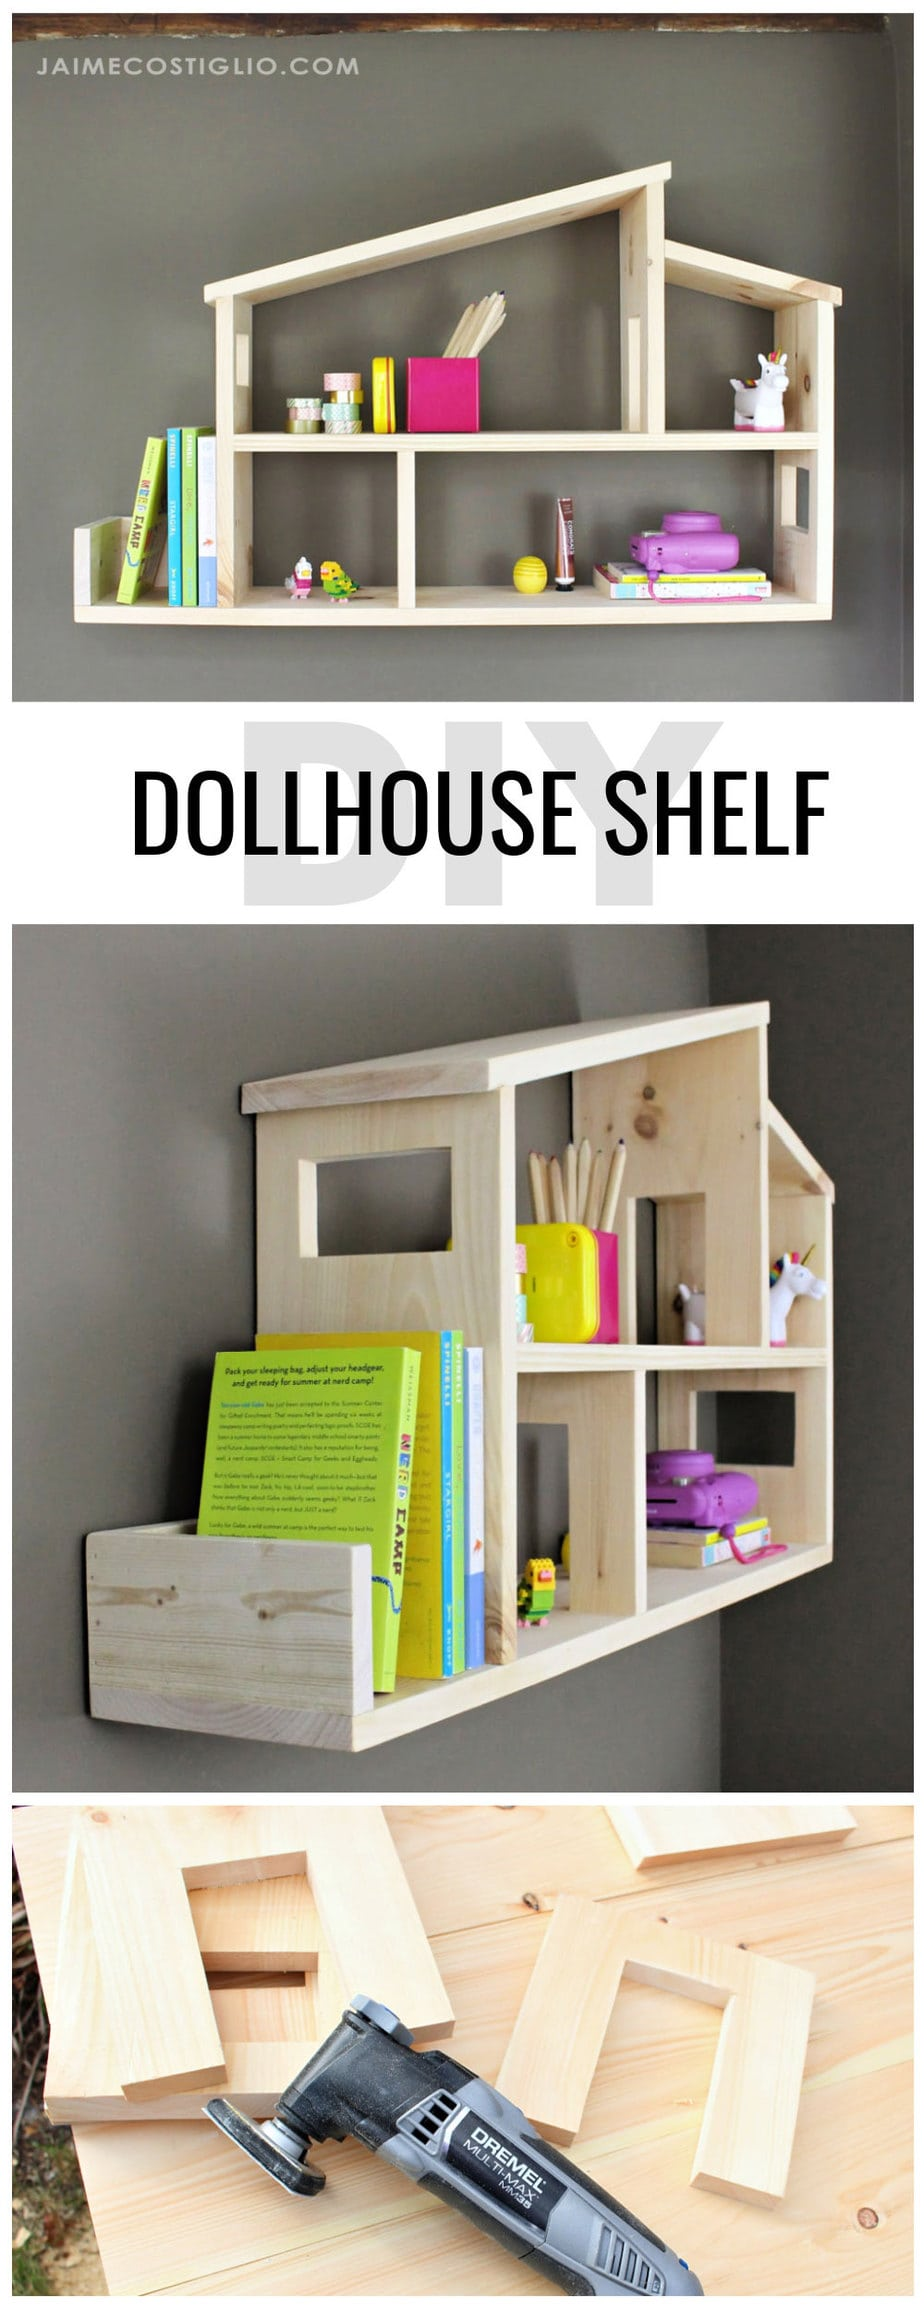 diy dollhouse shelf plans